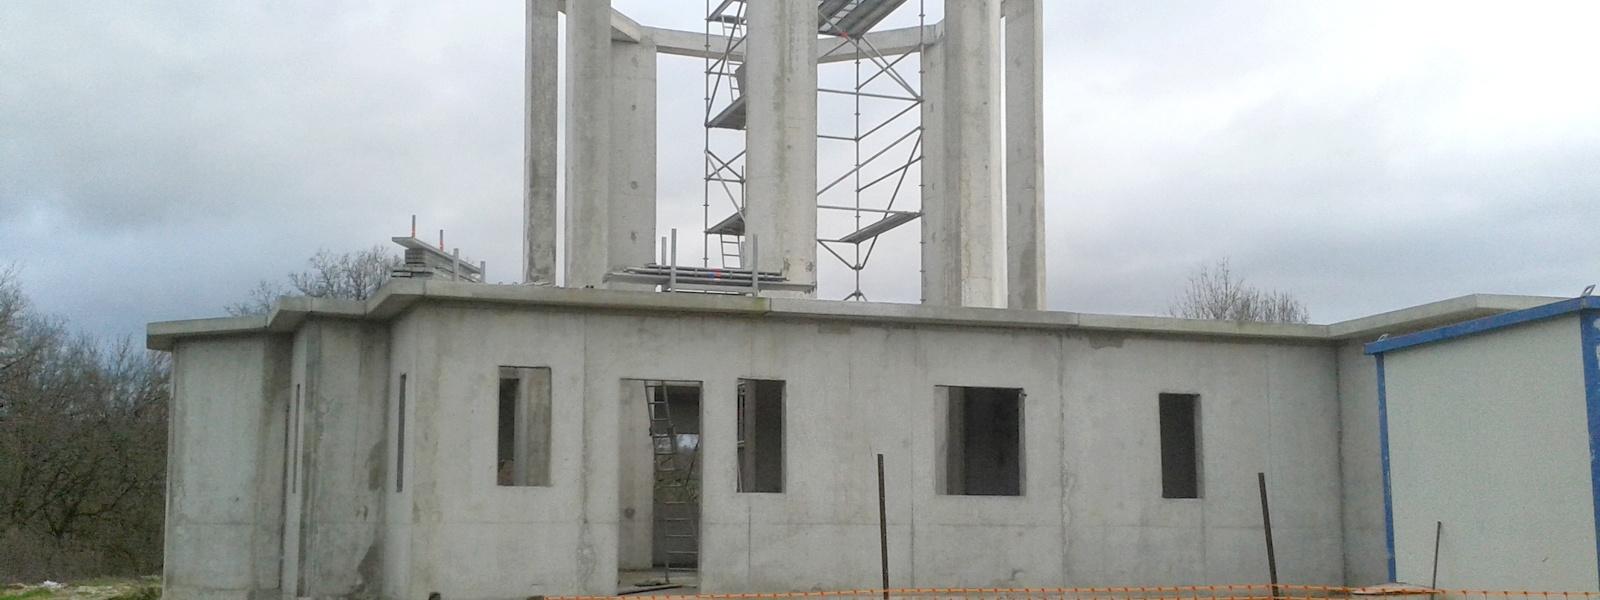 Travaux construction nouvelle église en 2015